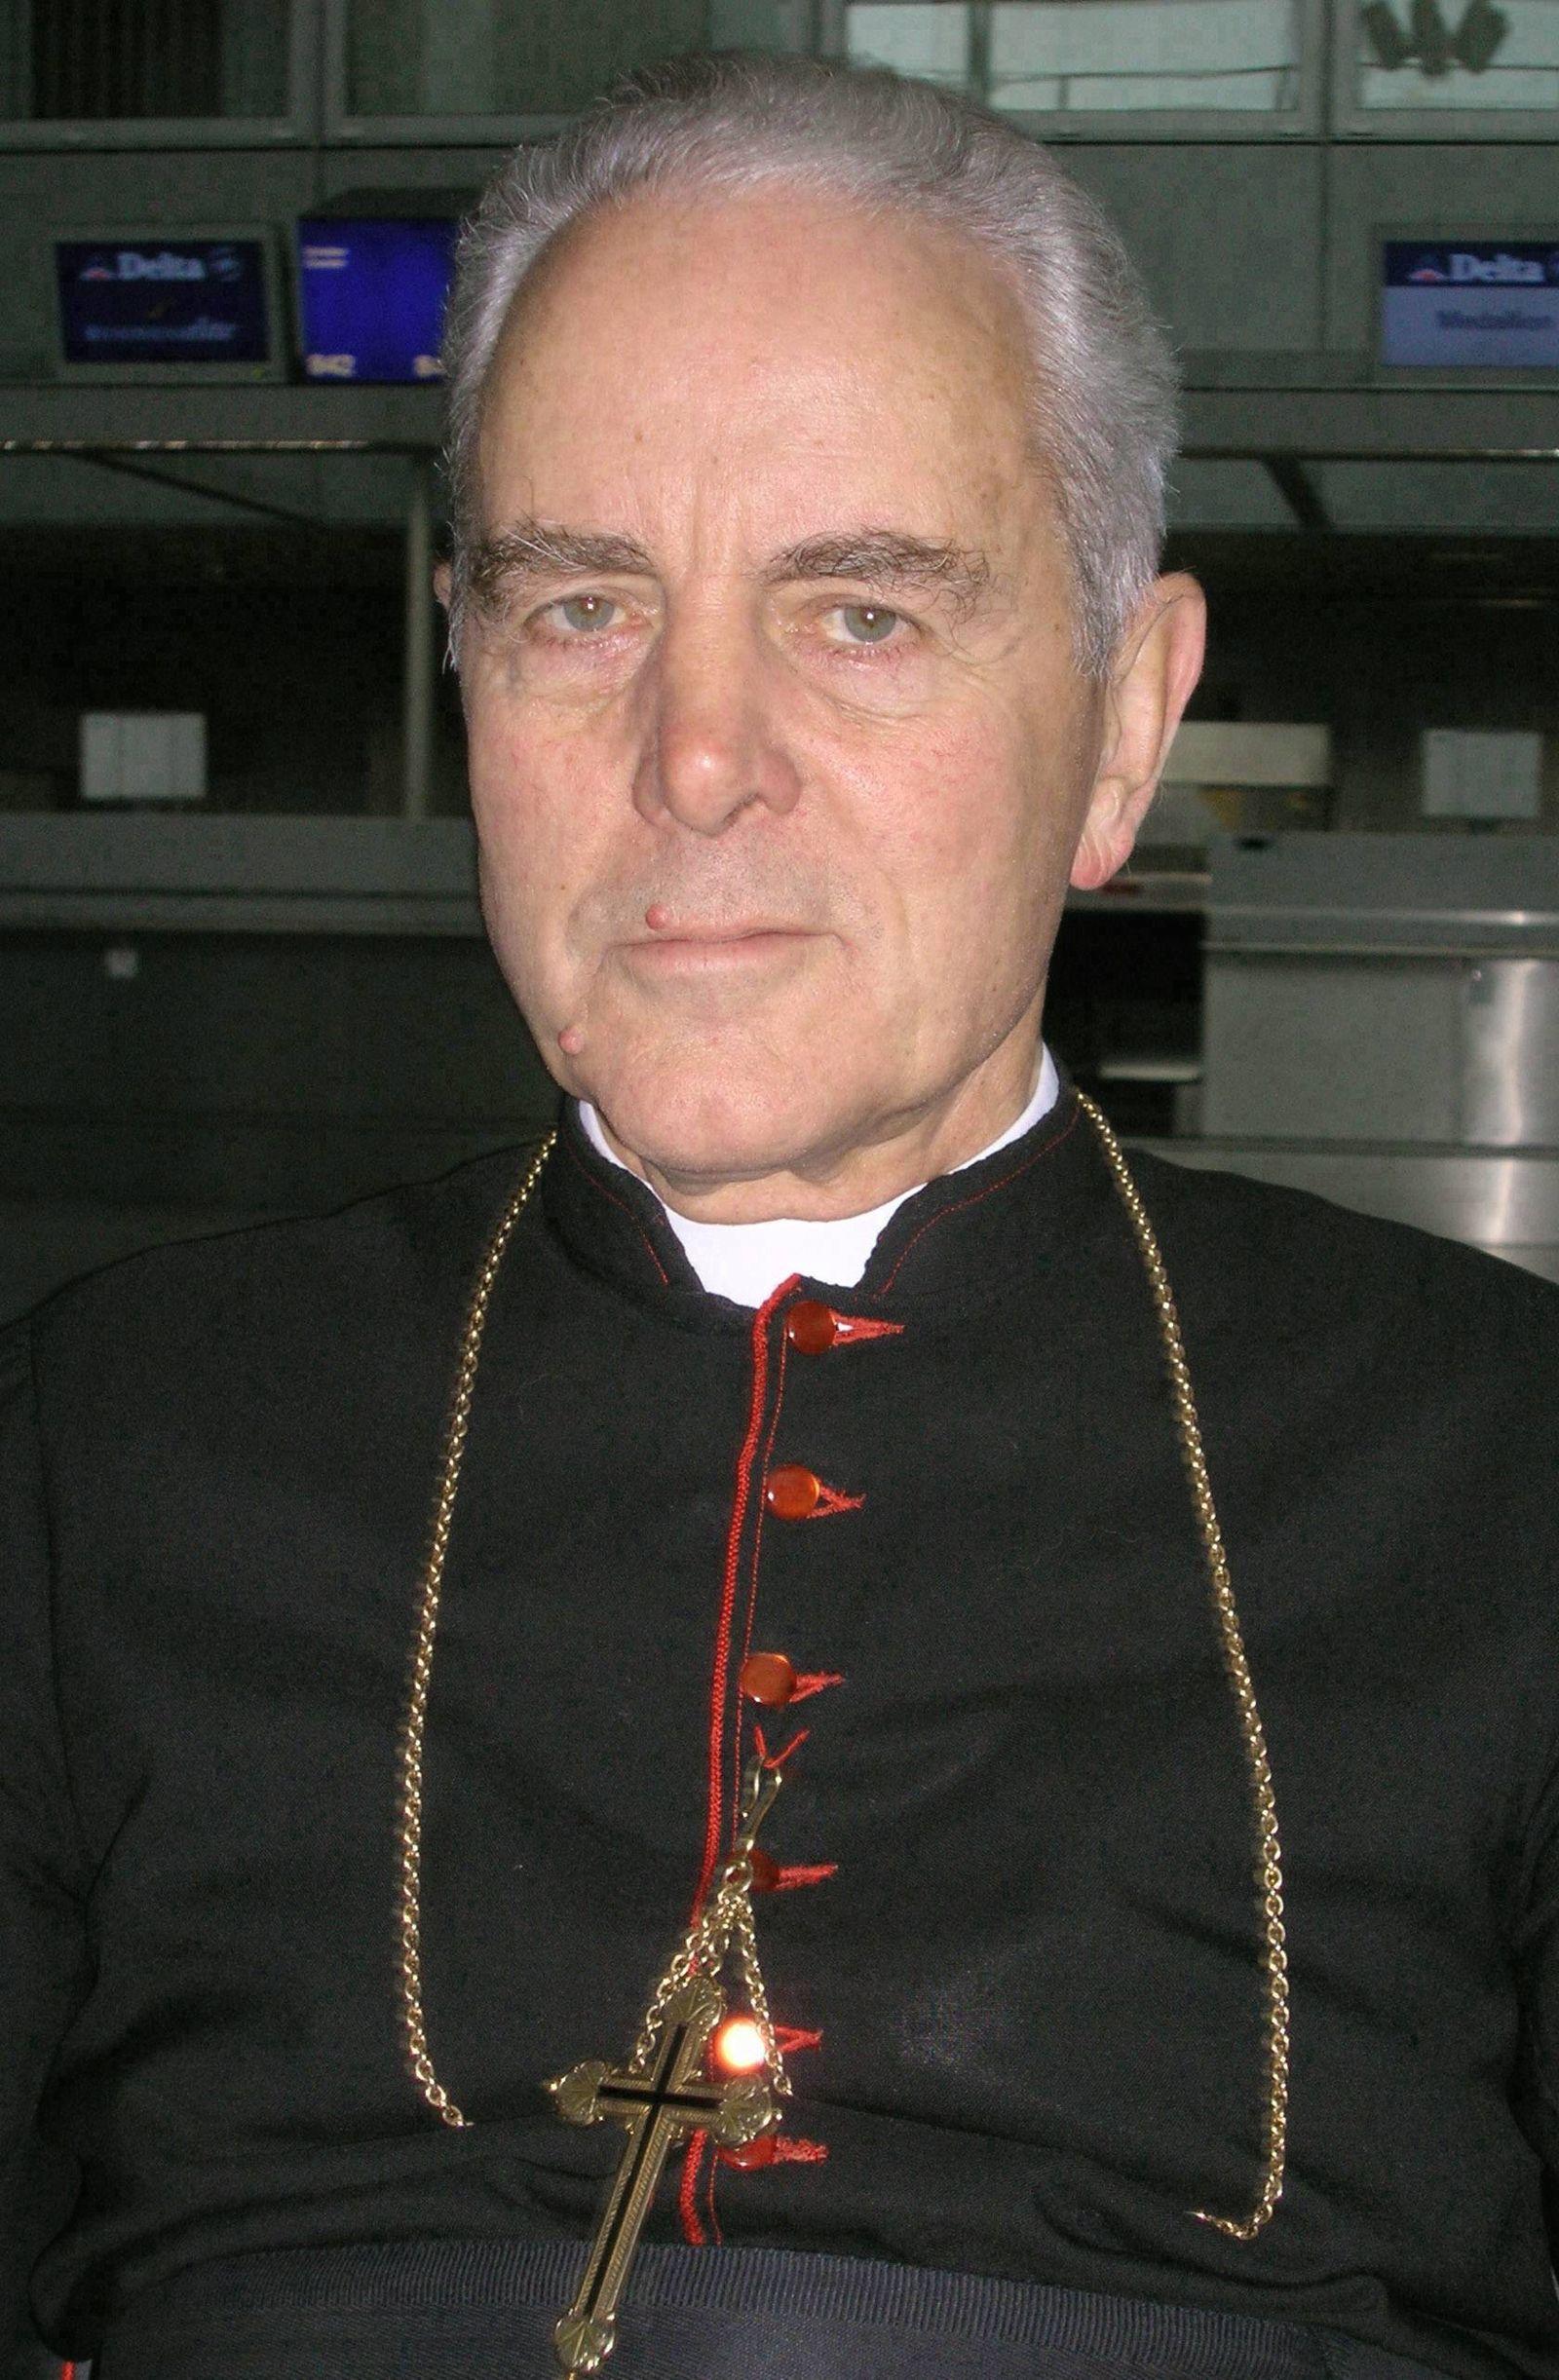 NICHT VERWENDEN Bishop Williamson